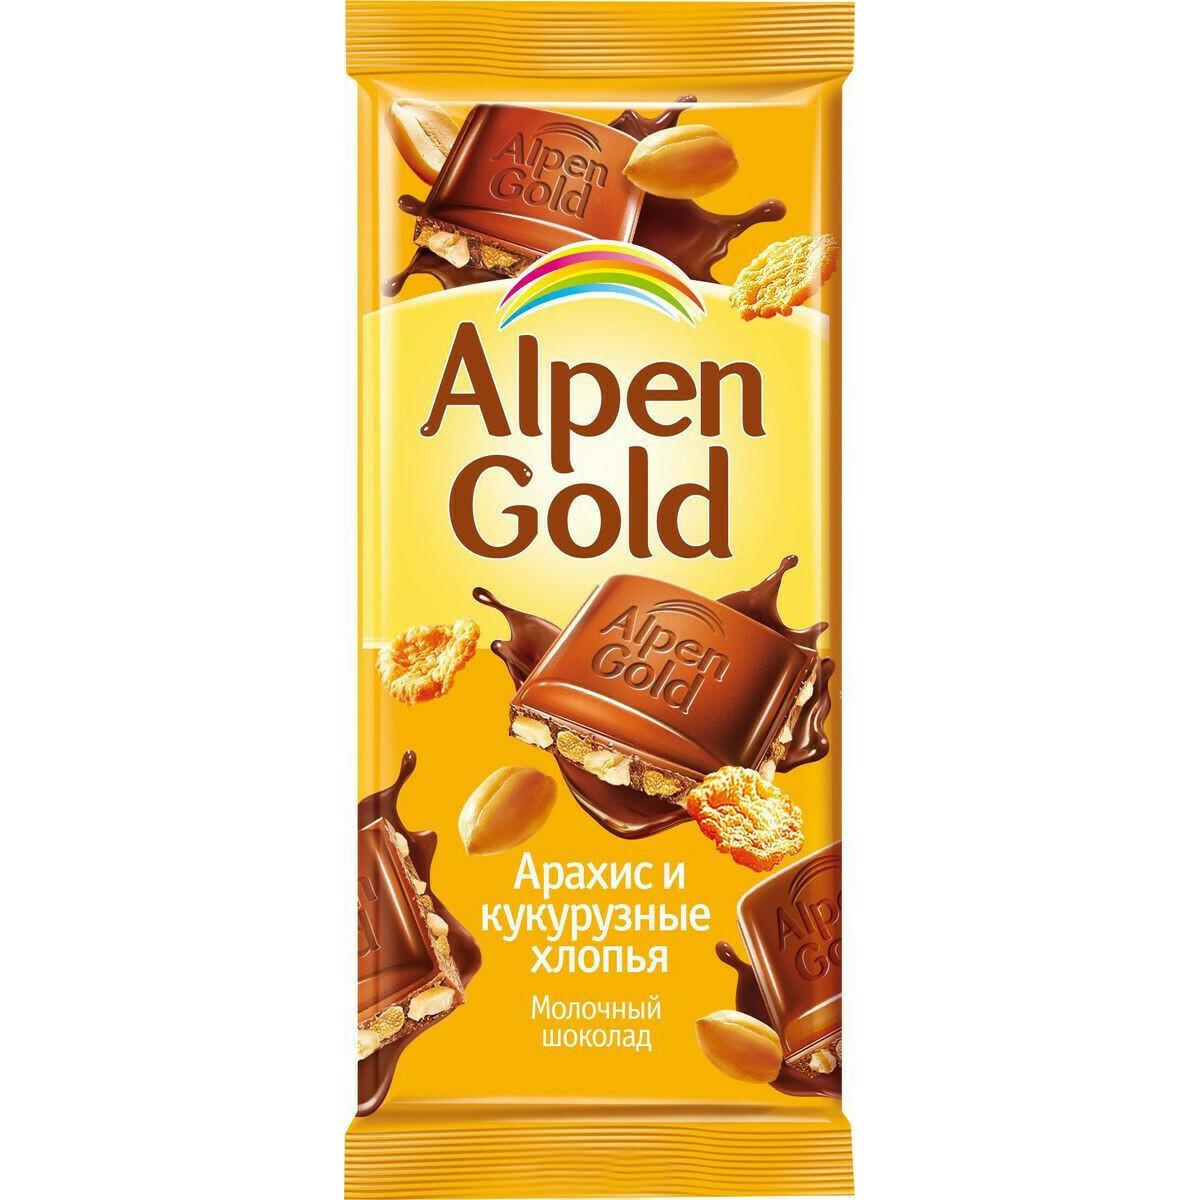 Шоколад Альпен Гольд 90г Арахис и кукурузные хлопья